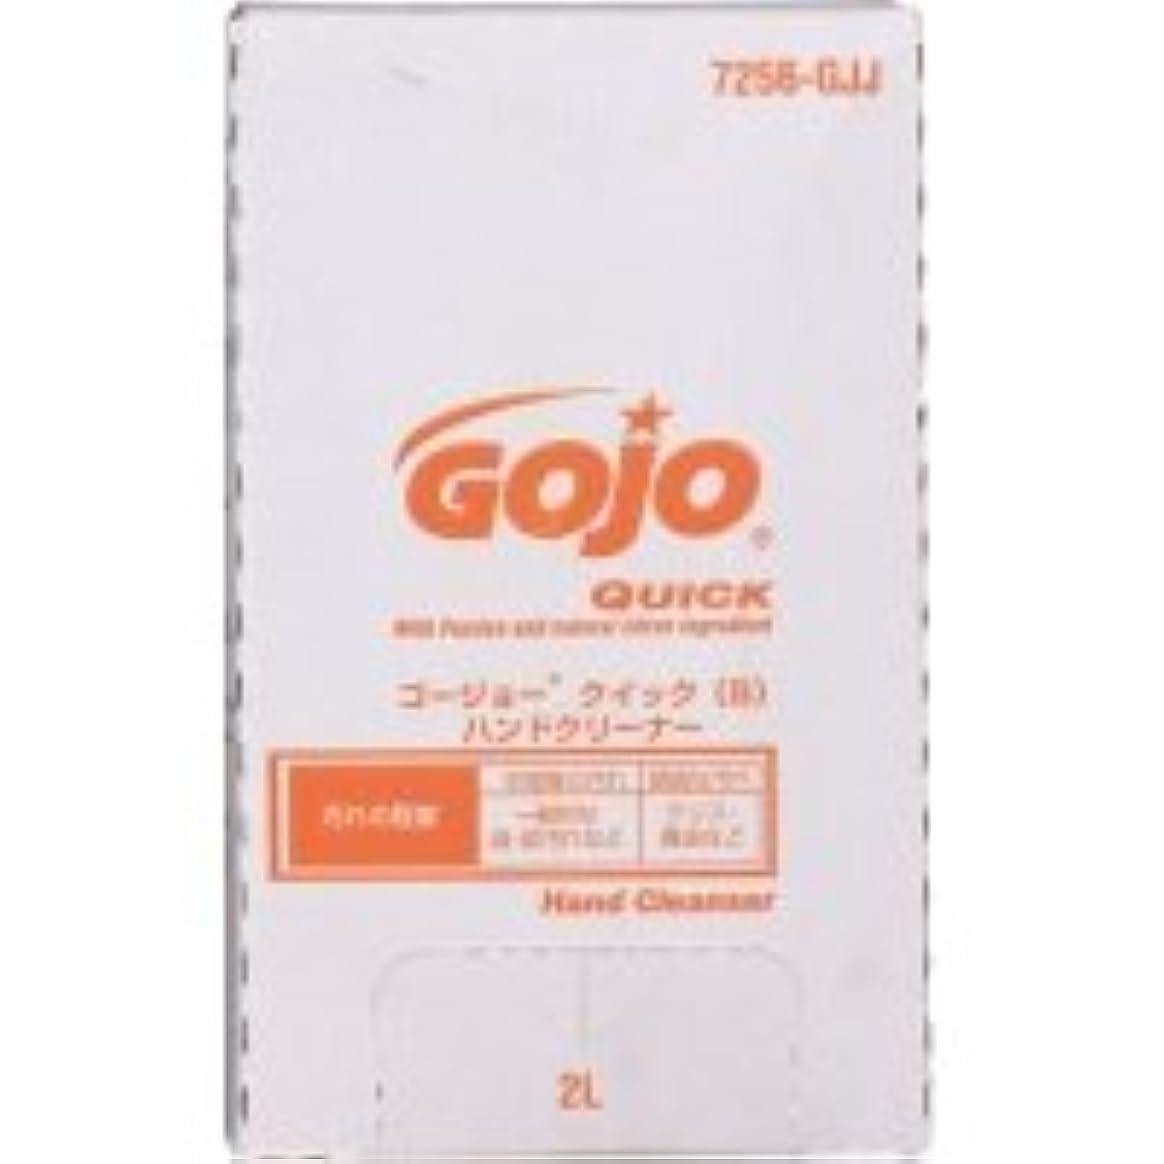 受ける社会主義大気GOJO クイック(S)ハンドクリーナー ディスペンサー用 2000ml 1個